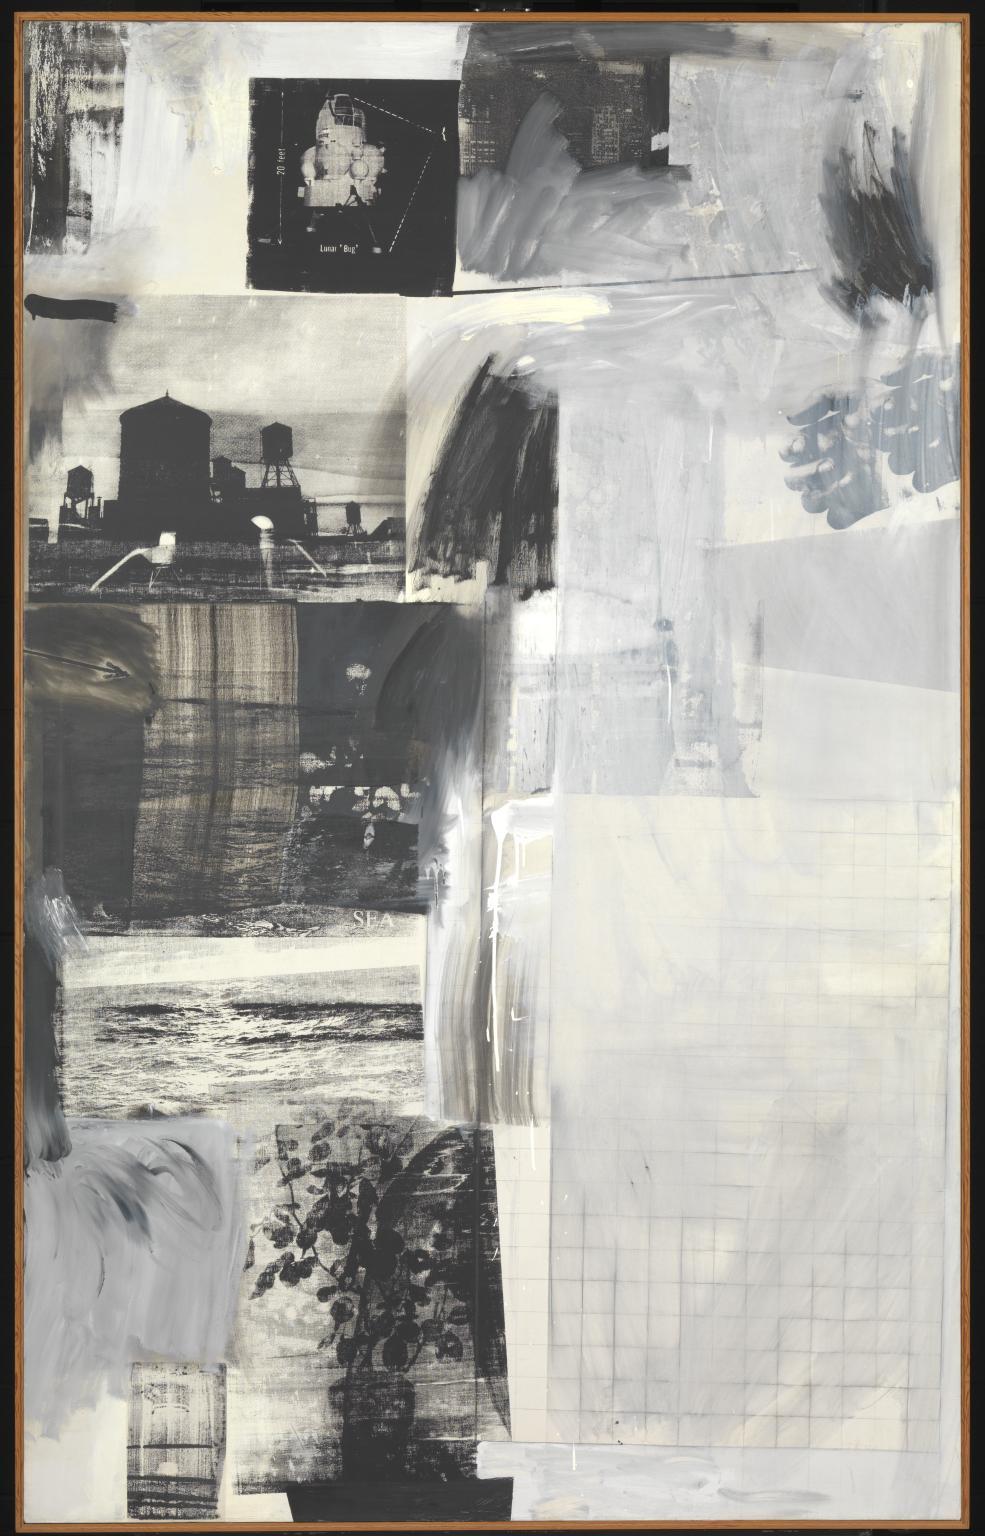 Robert-Rauschenberg Tate Modern